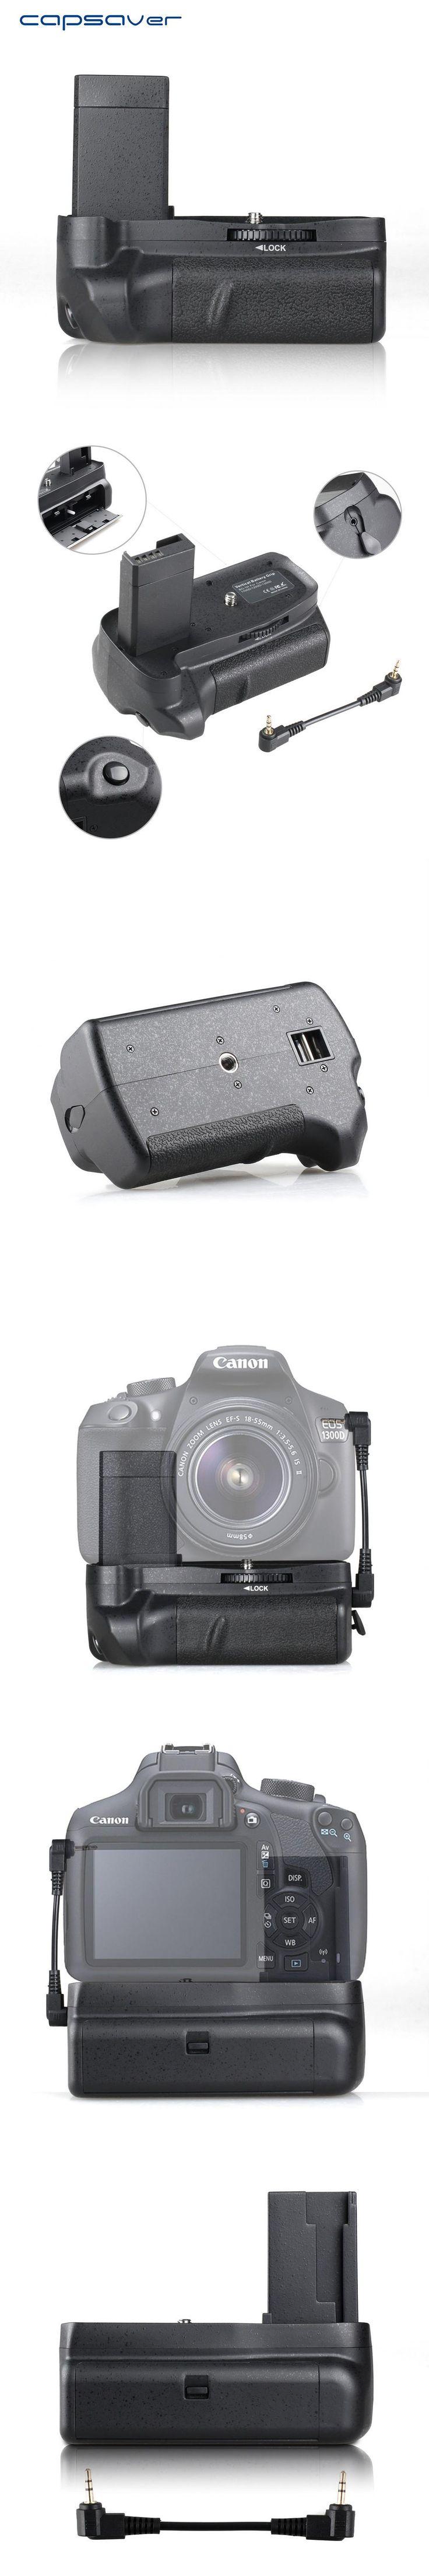 capsaver Vertical Battery Grip Holder for Canon EOS 1100D 1200D 1300D Rebel T3 T5 T6 EOS Kiss X50 Multi-power Battery Handgrip